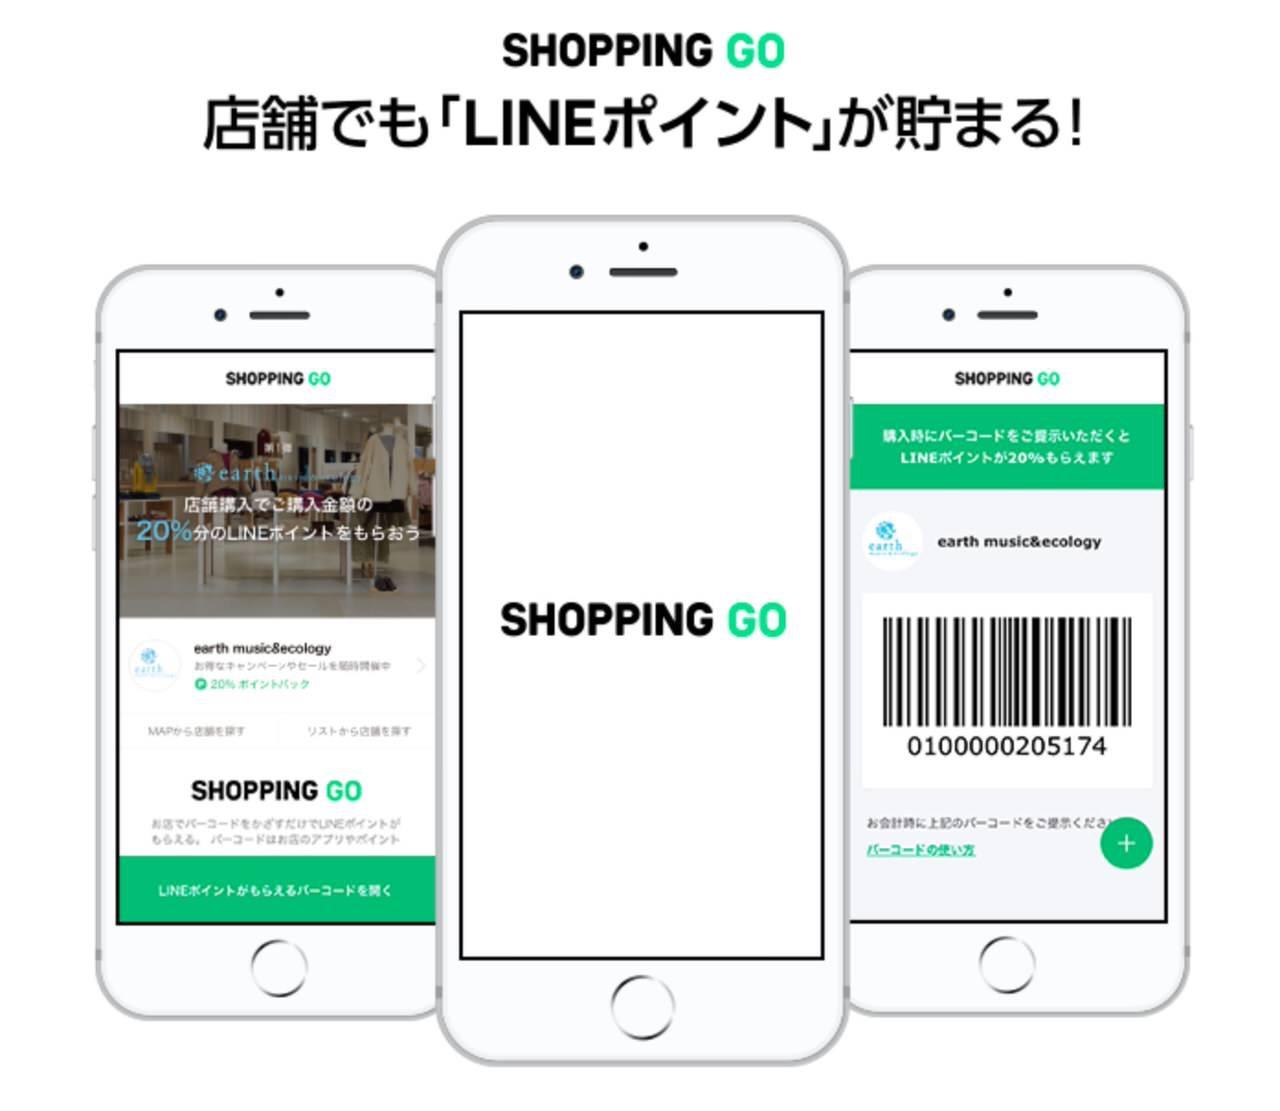 リアル店舗の購入でLINEポイントが貰える「SHOPPING GO」